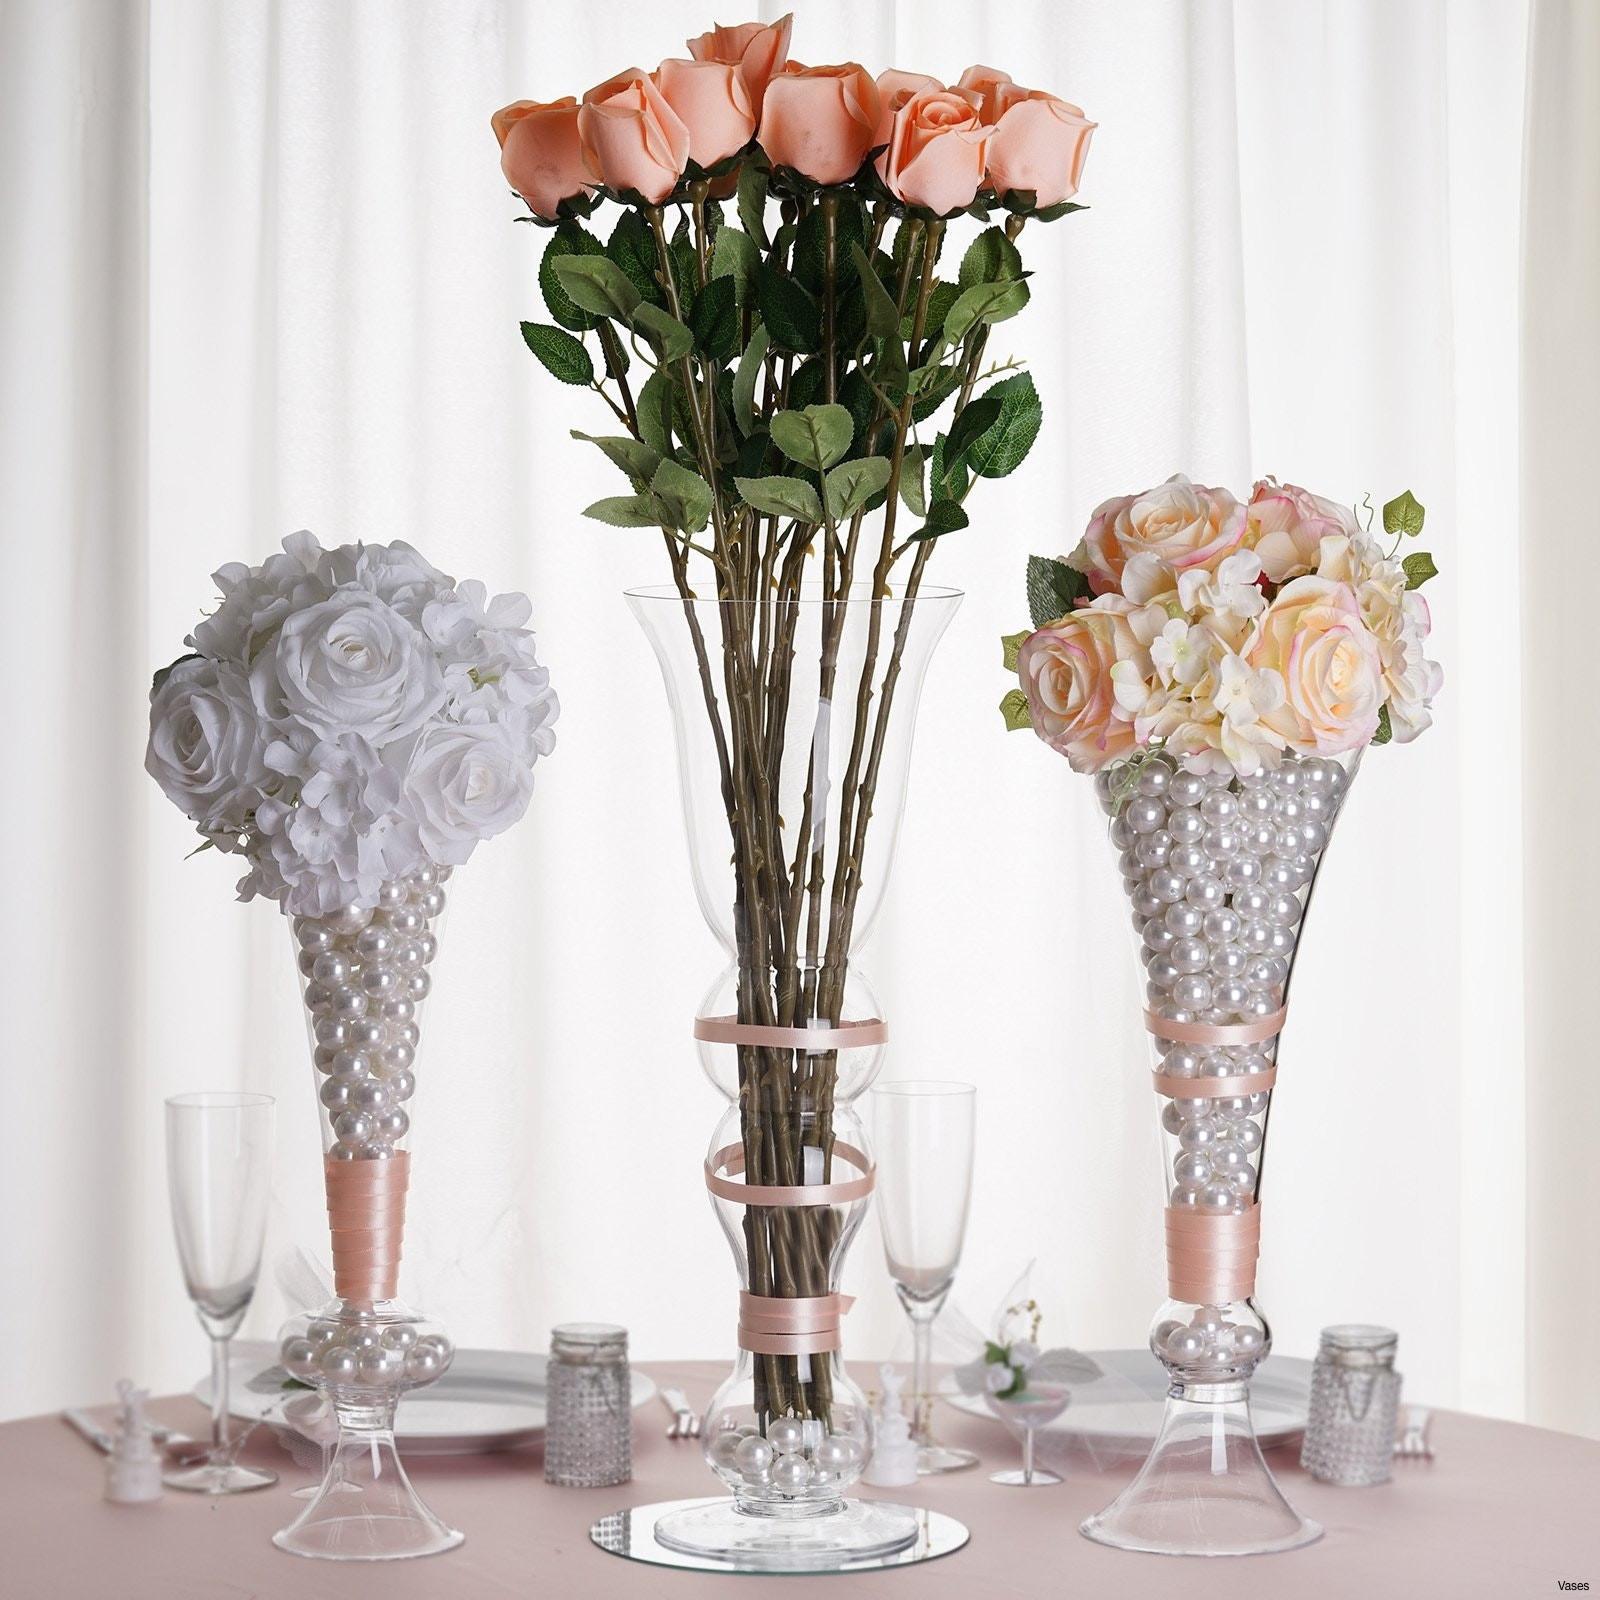 3 piece vase centerpiece of table des saveurs unique flower vase table 04h vases tablei 0d throughout flower vase table 04h vases tablei 0d clipart dining base end design